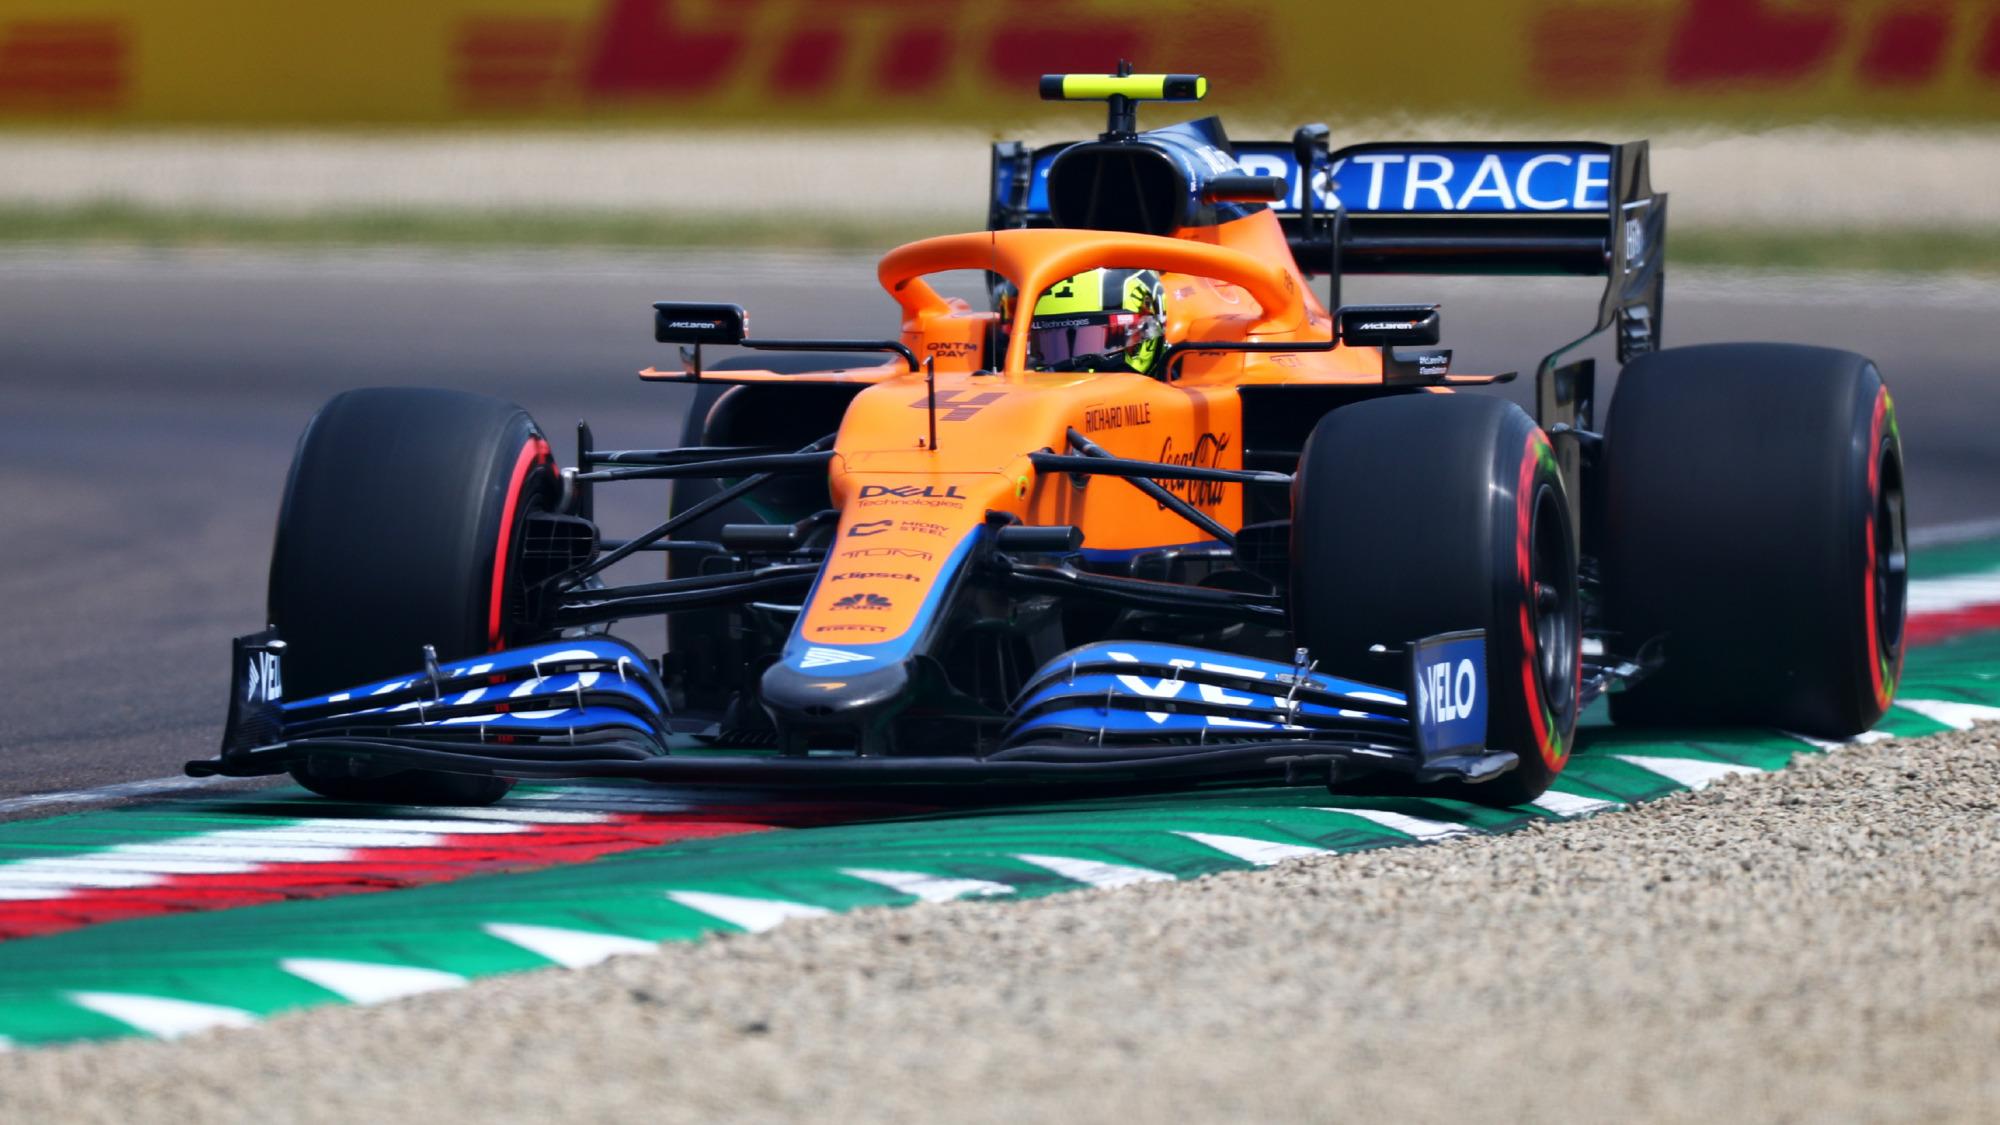 Lando Norris, 2021 Emilia Romagna GP